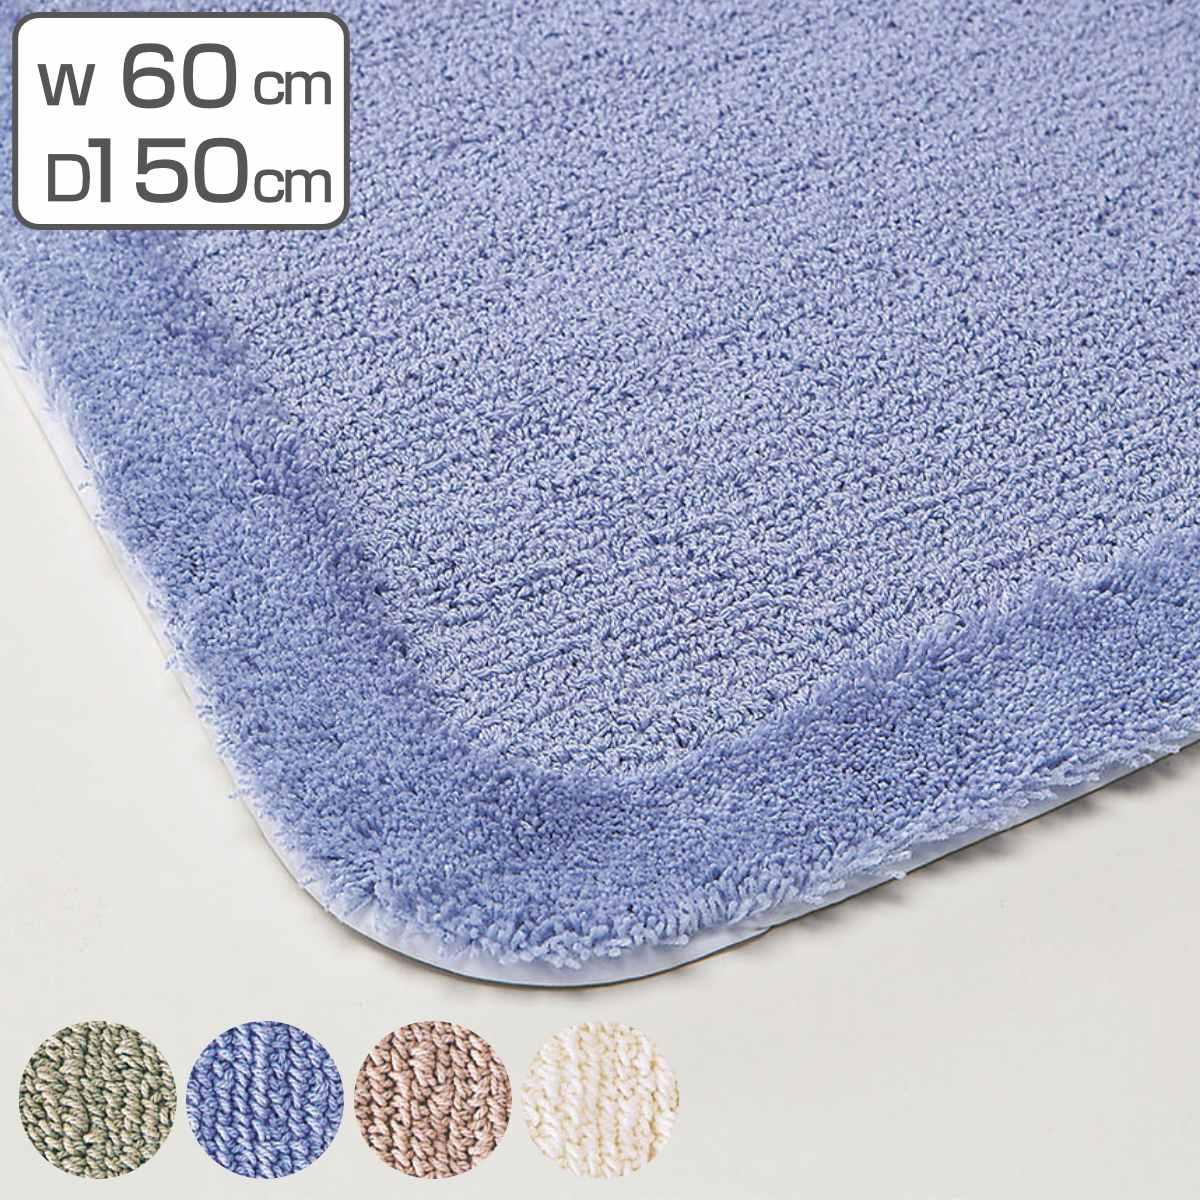 バスマット業務用 吸水ループパイル ノンスリップ抗菌仕様 60×150  ( 足拭き 風呂マット 送料無料 )